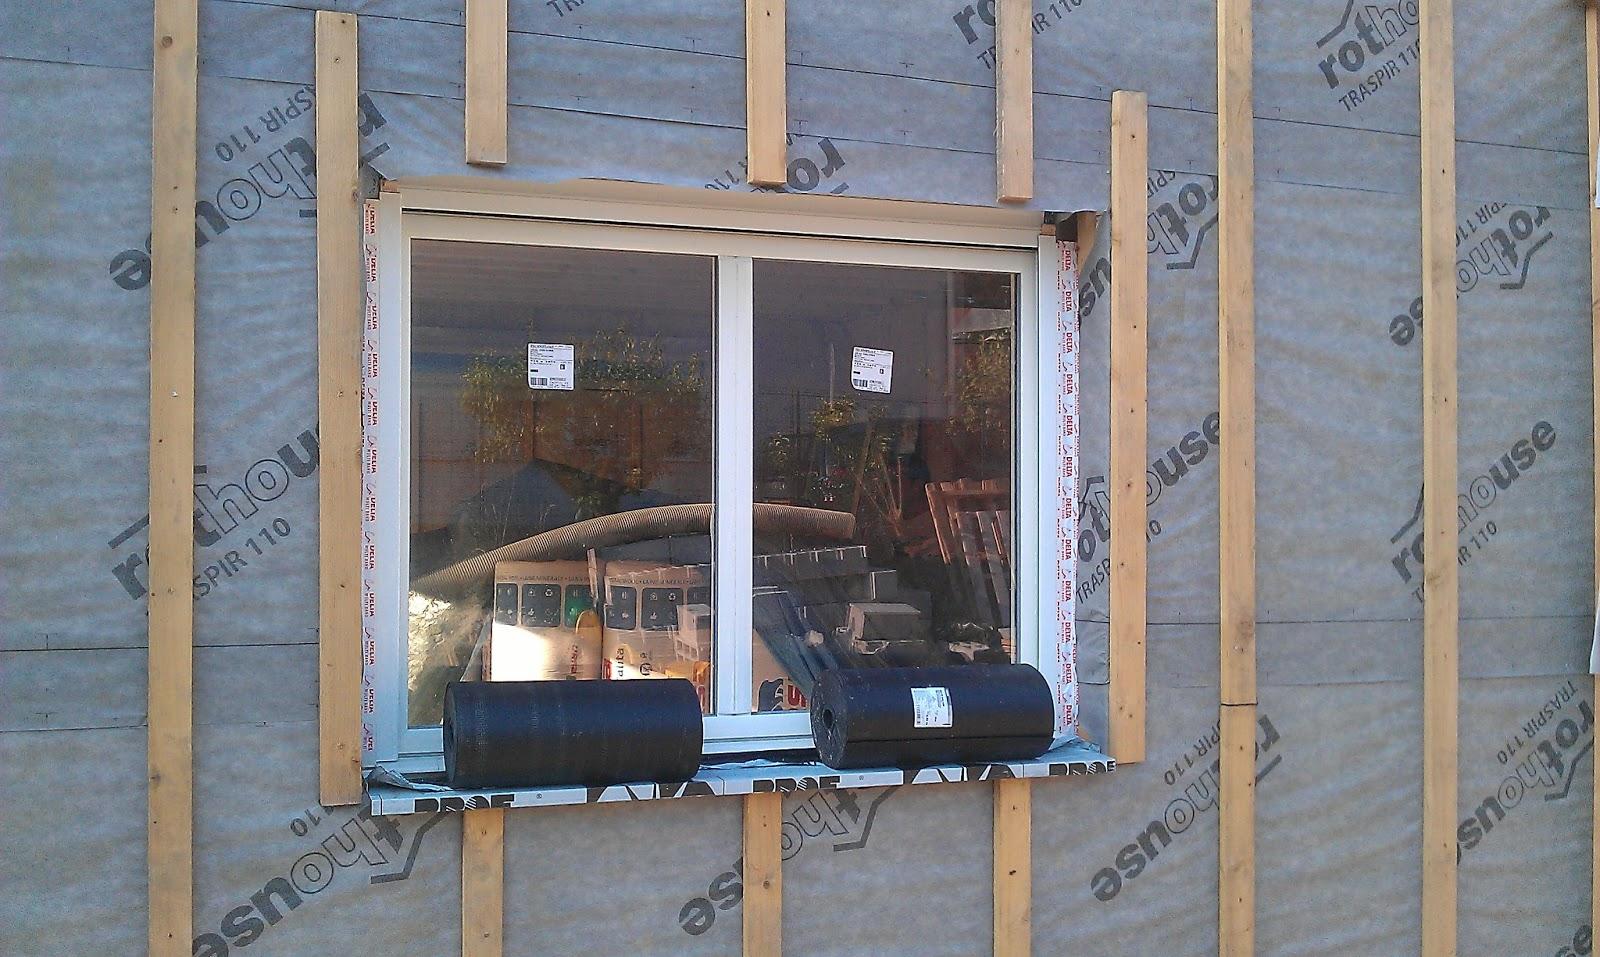 les furets du bois j83 j85 etanch it phase 2 isolation int rieure fin et fen tres. Black Bedroom Furniture Sets. Home Design Ideas